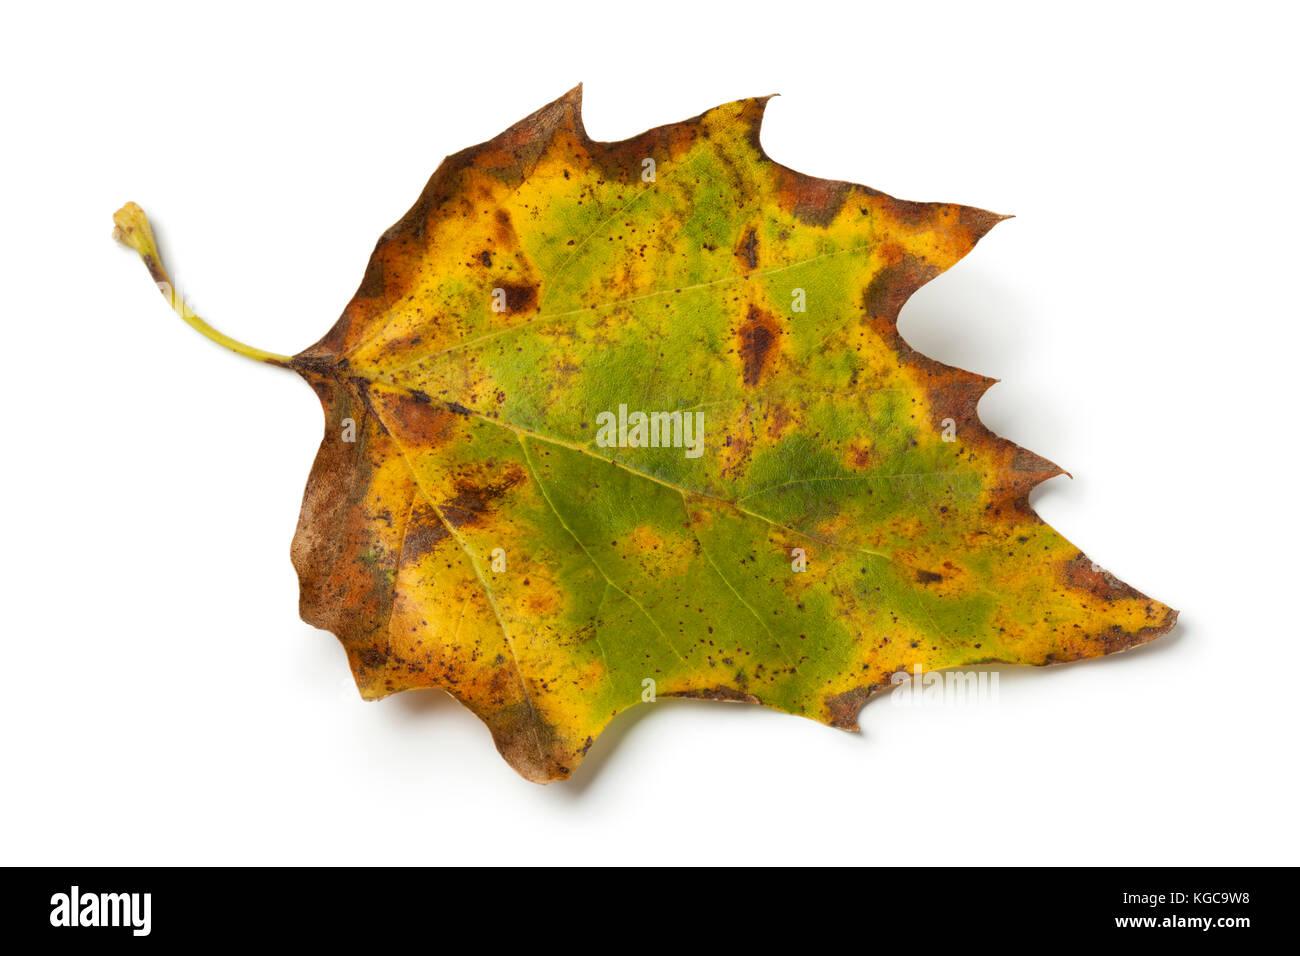 Autumn maple leaf on white background - Stock Image